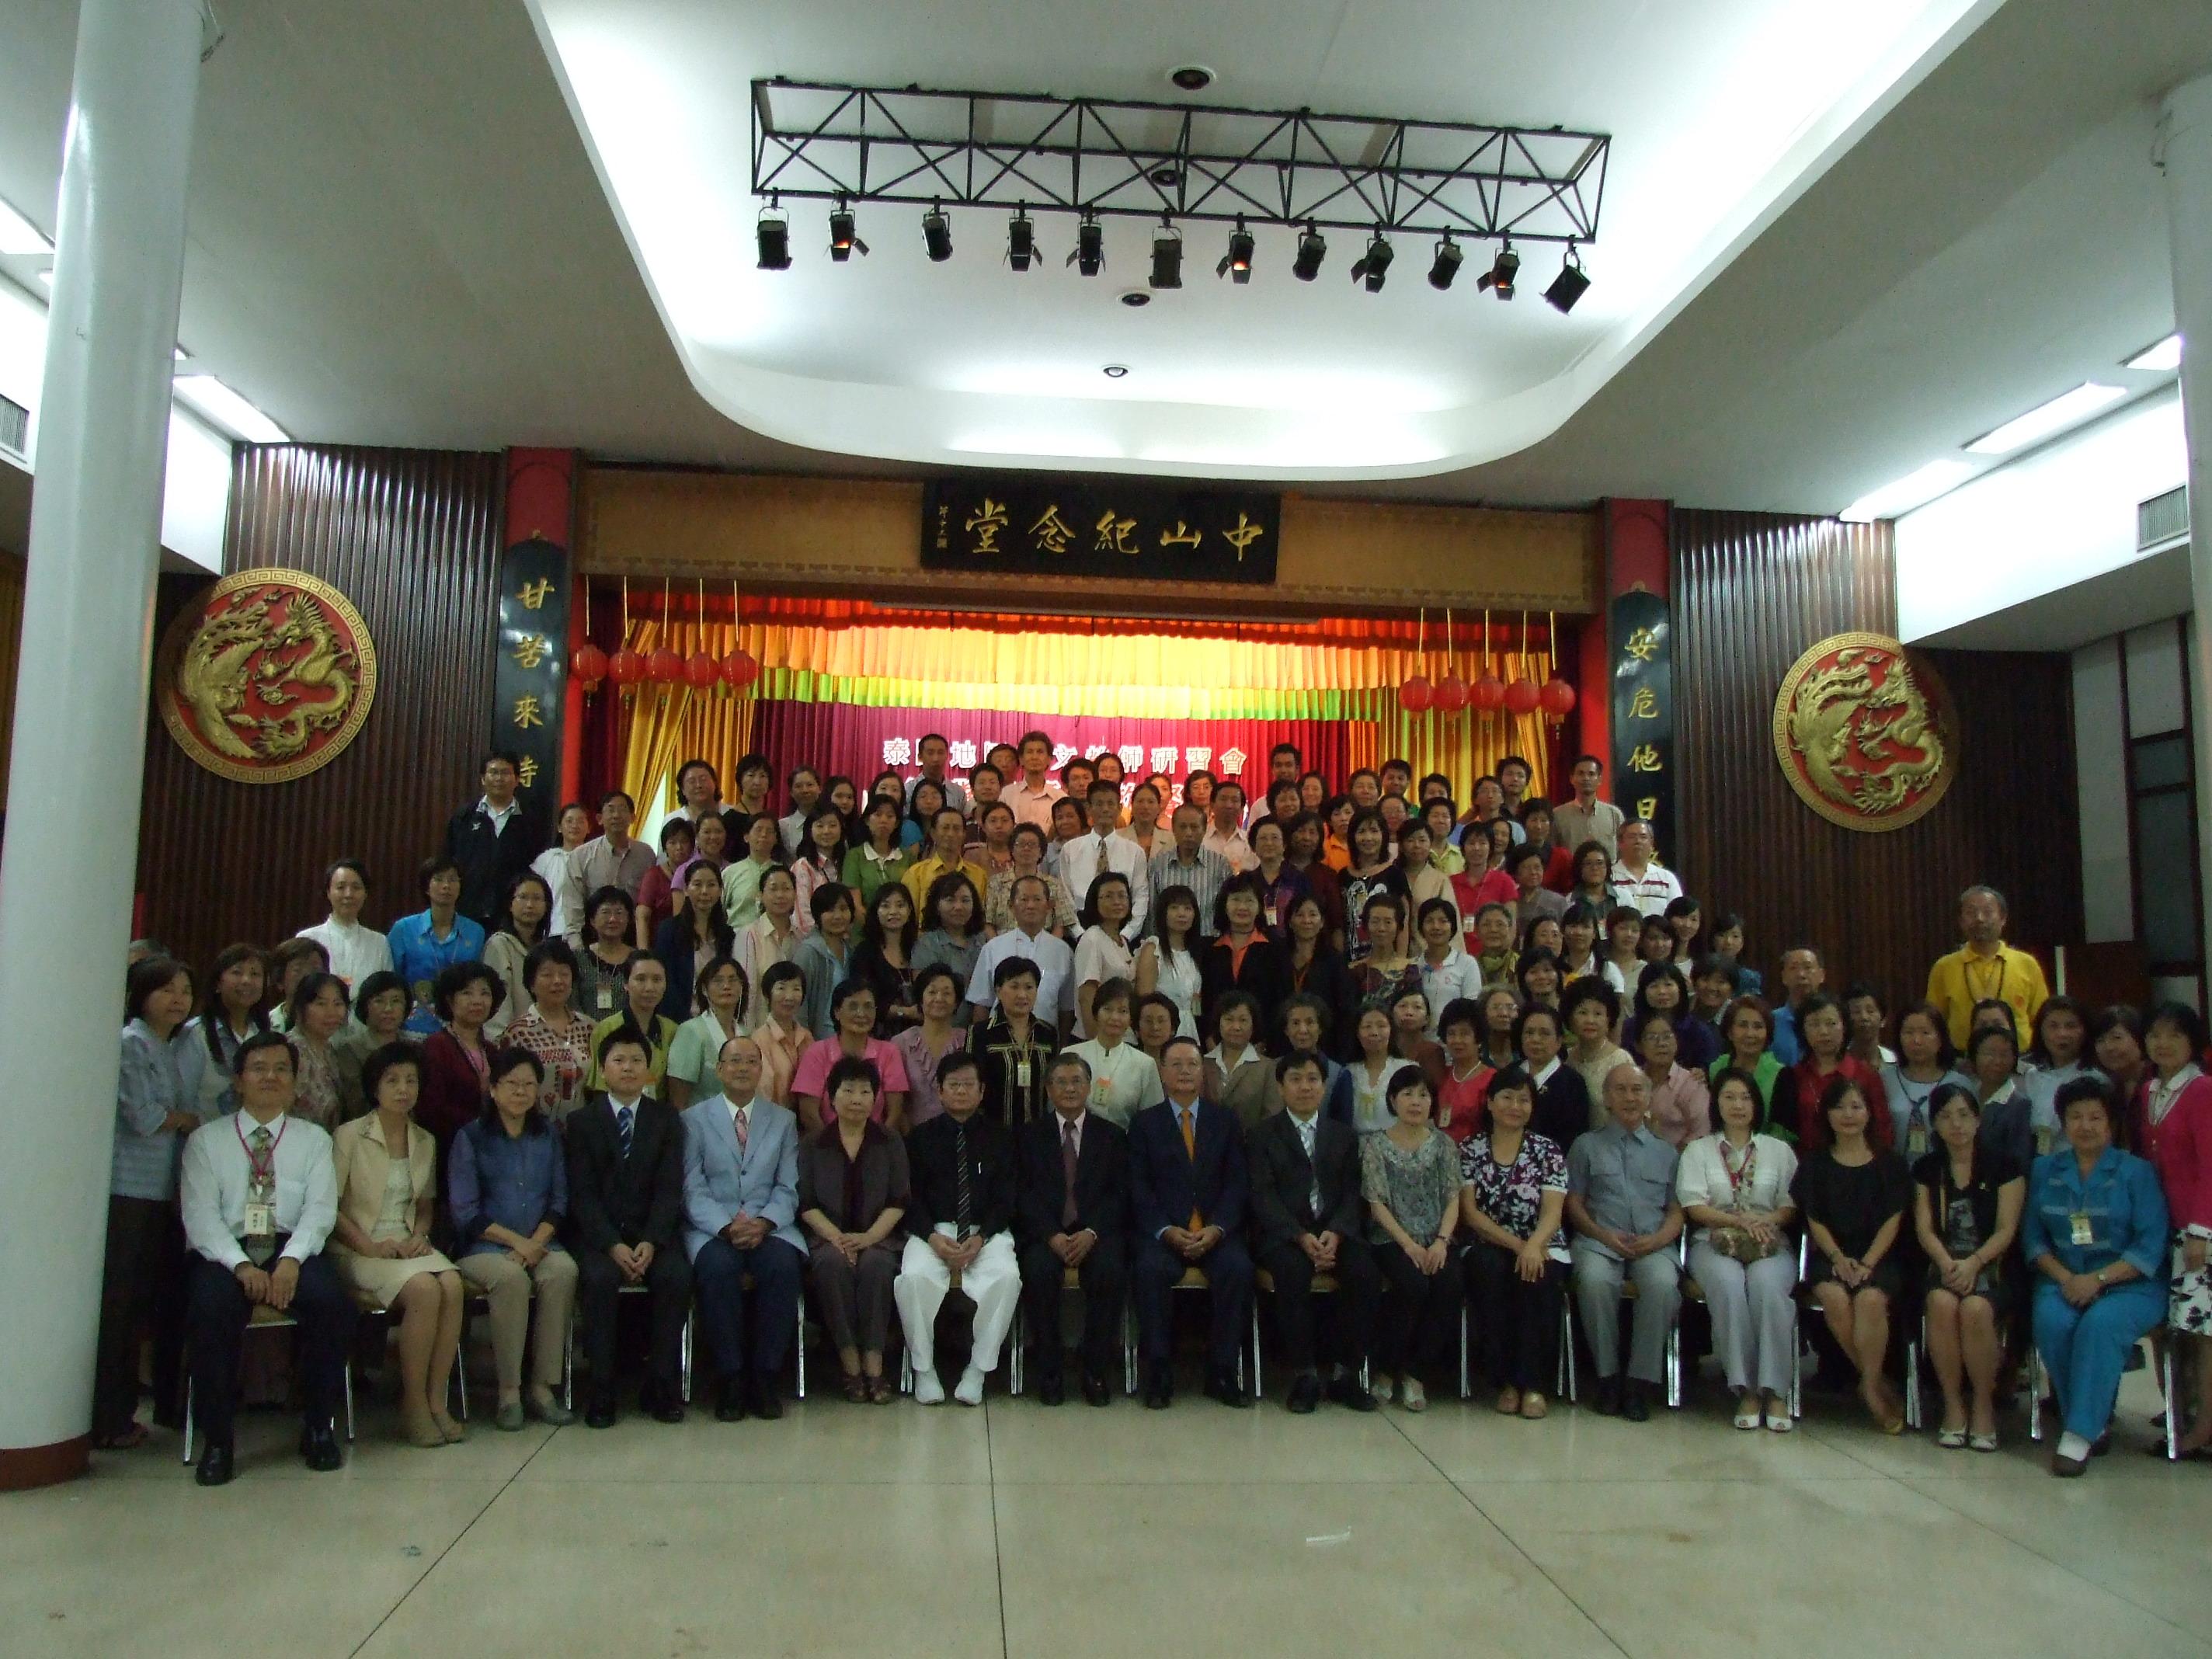 2009年華文教師研習會圓滿成功,108位學員完成研習。駐泰國代表烏元彥與全體學員合影。